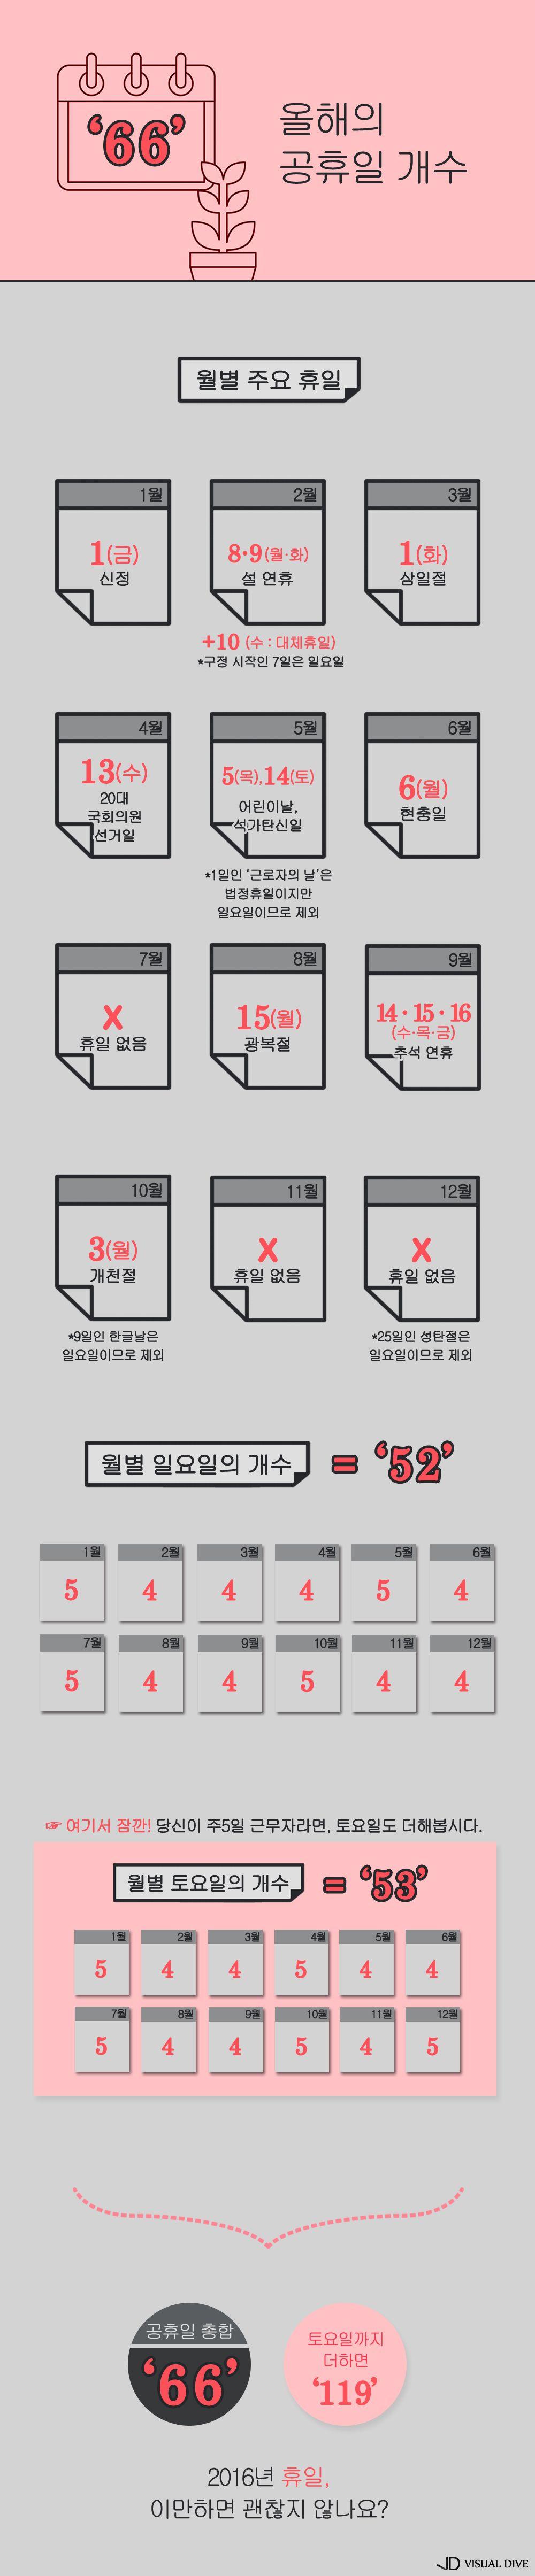 2016년 '휴일'은 며칠?…월별 주요 휴일과 함께 알아보자 [인포그래픽] #2016 #holiday / #Infographic ⓒ 비주얼다이브 무단 복사·전재·재배포 금지